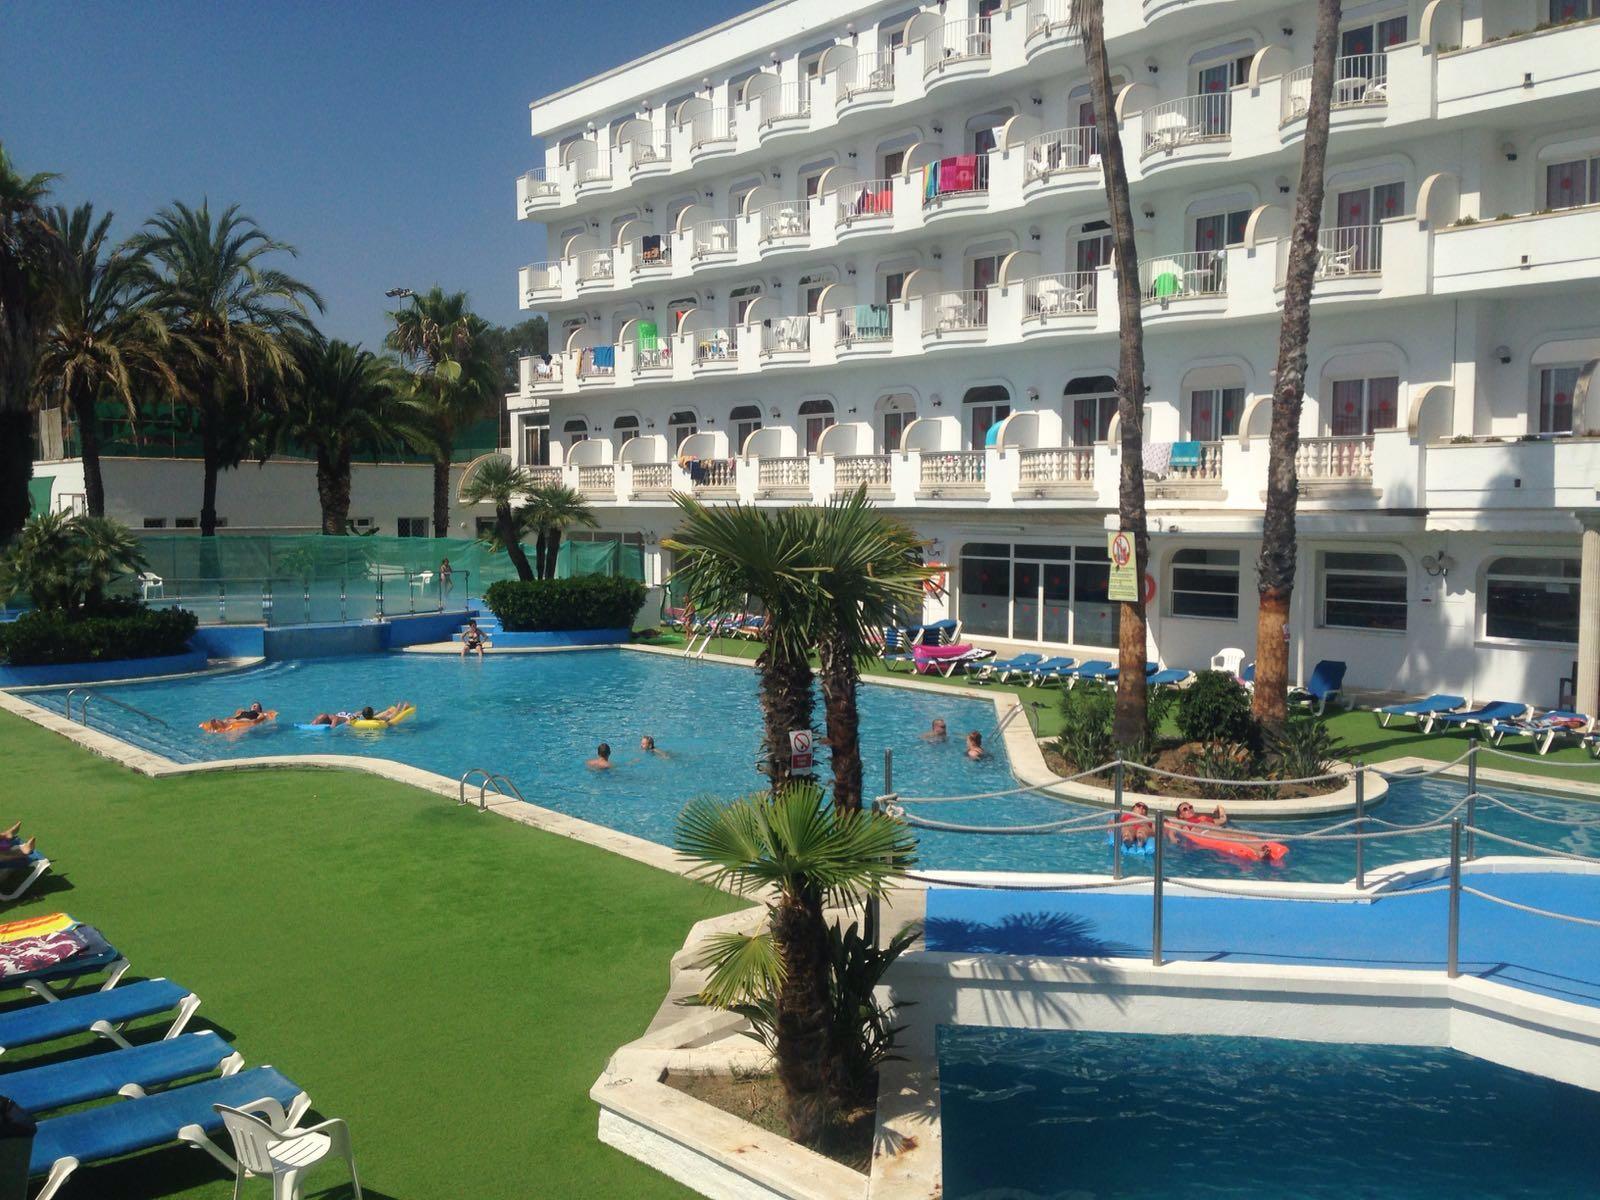 Lloret esperant hotel a la piscina i amb un mojito for Piscina lloret